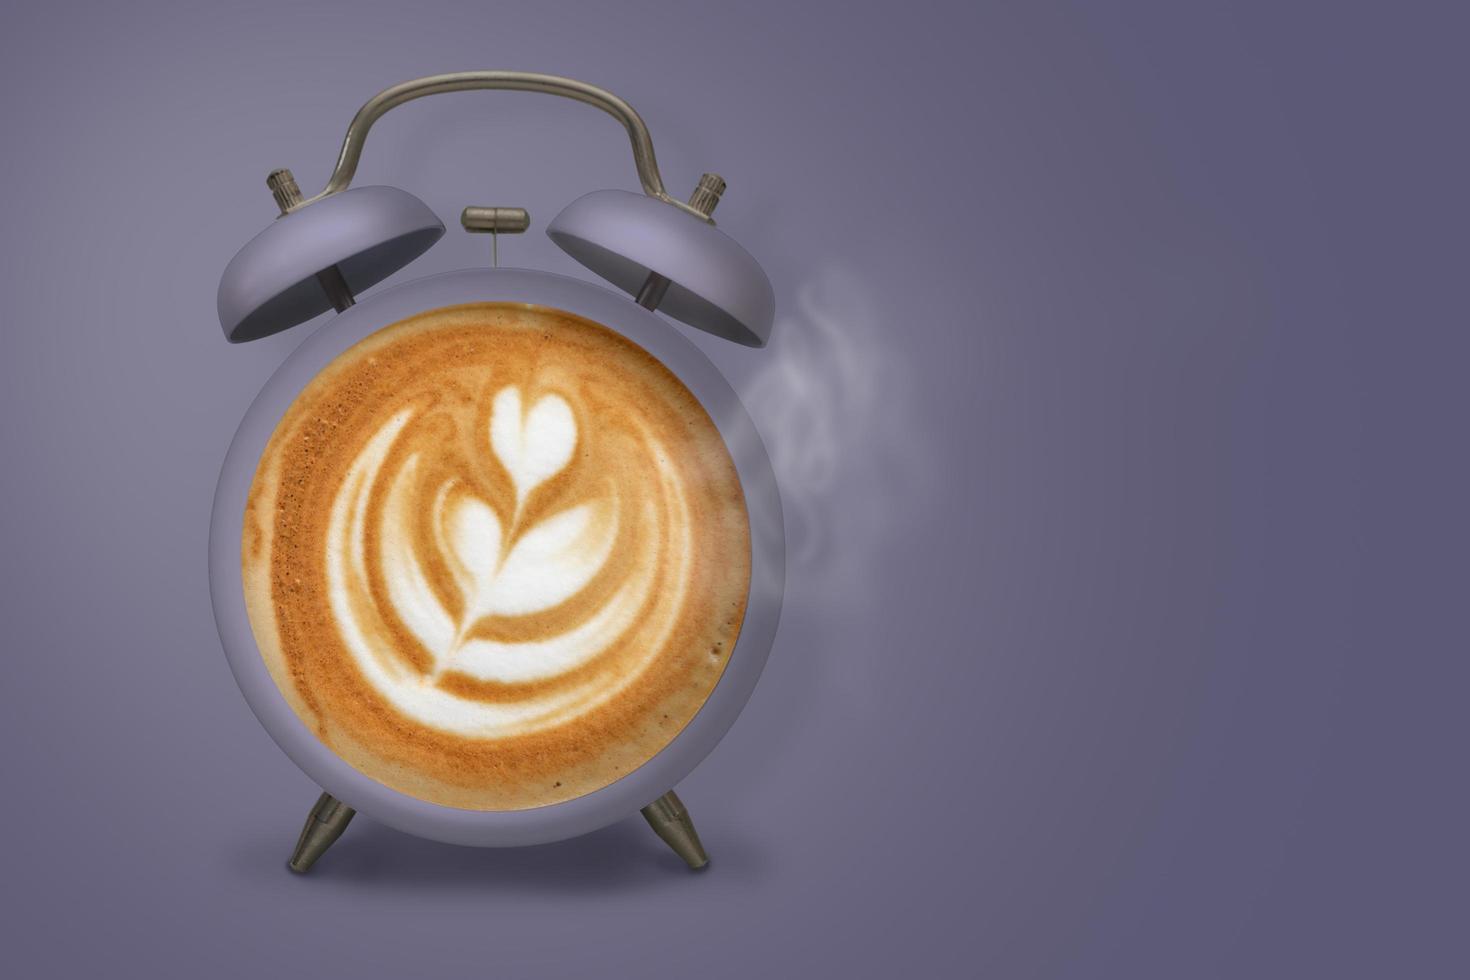 hete koffie met schuimig schuim en stoom in paarse wekker foto